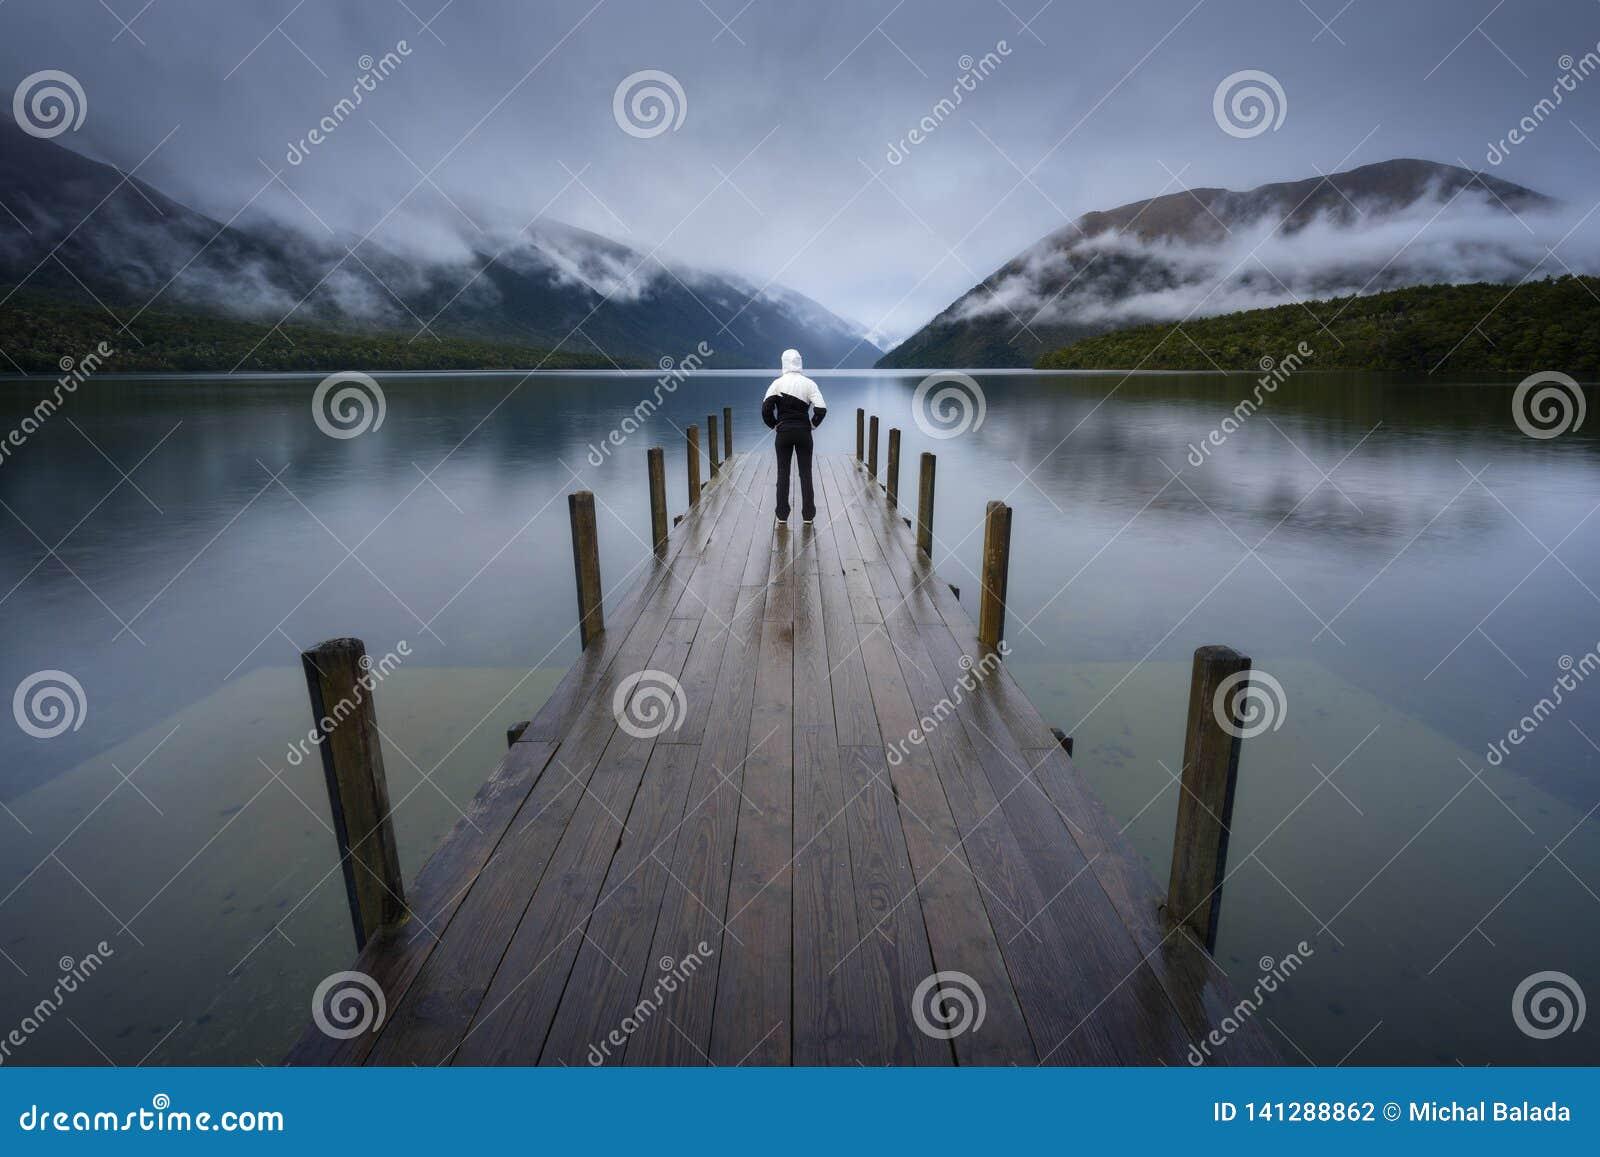 Σκιαγραφία γυναικών στη ρομαντική αποβάθρα στη λίμνη Rotoiti, άποψη που αγνοεί misty Άγιο Arnaud Ridge, όλο το μέρος των λιμνών τ